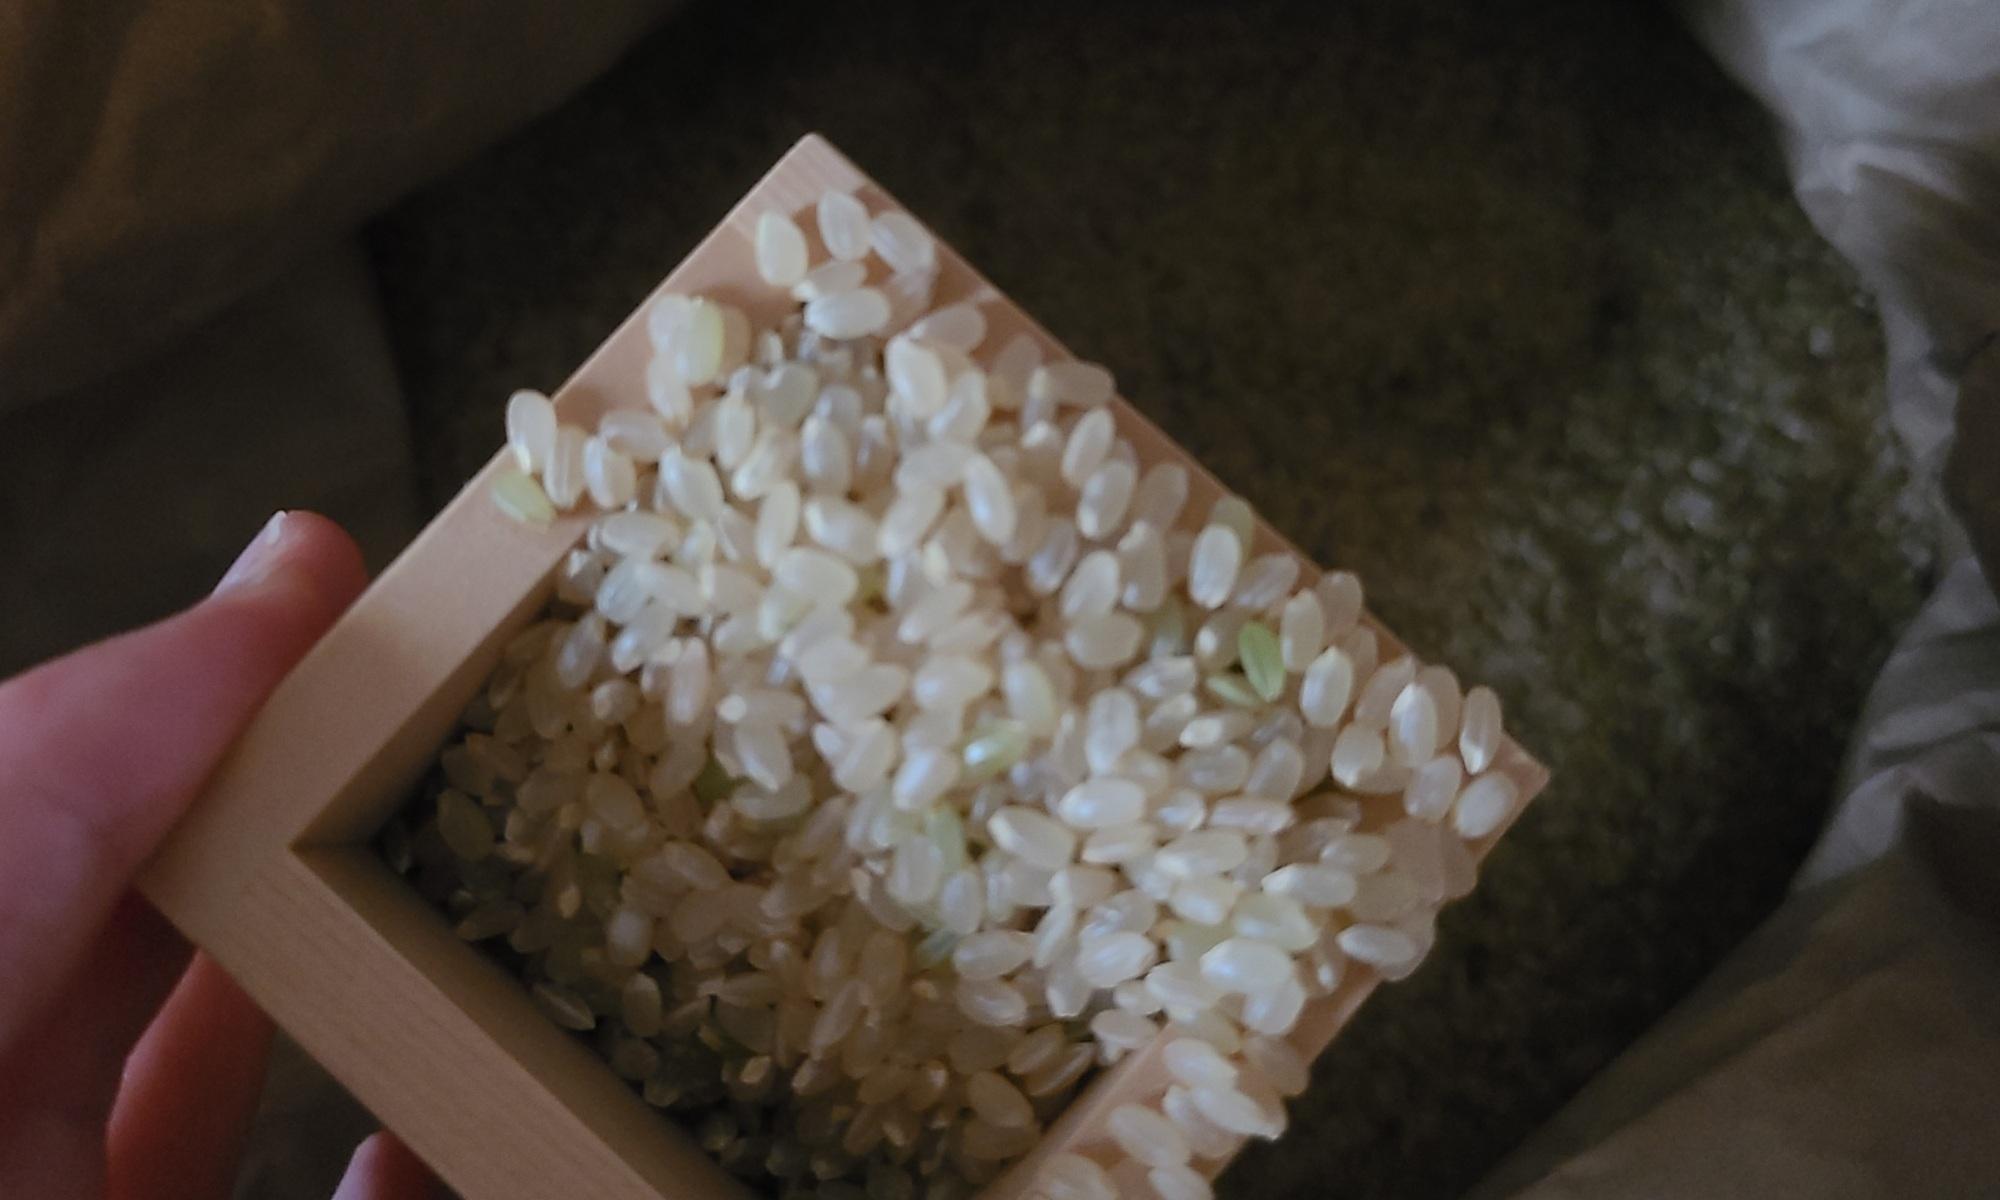 米袋から升を使って新米をすくっている様